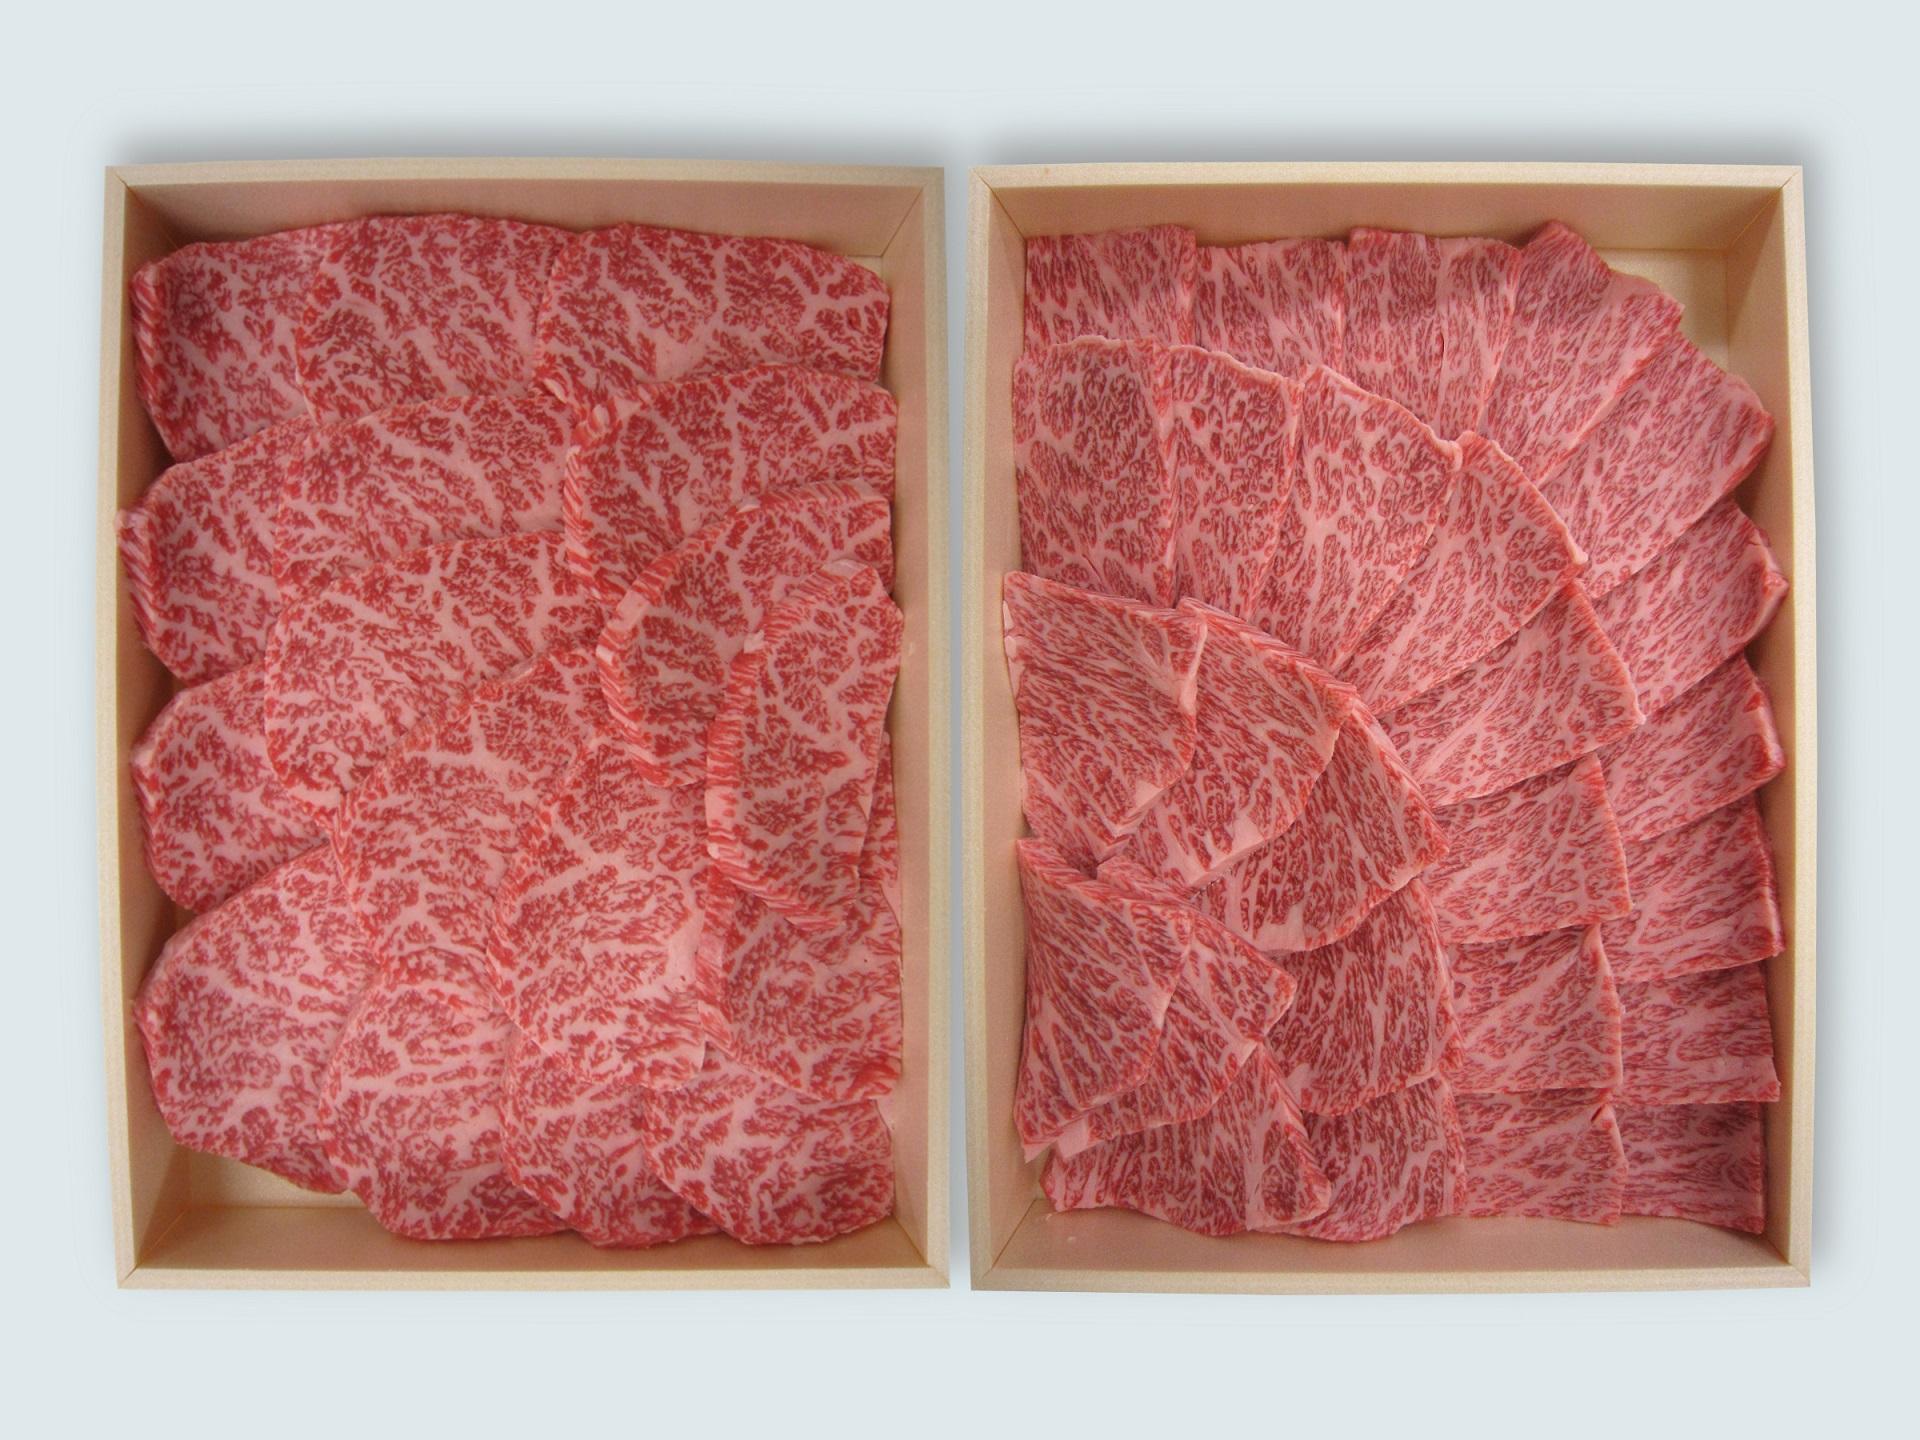 鹿児島黒牛ロース&カルビ焼肉ギフト